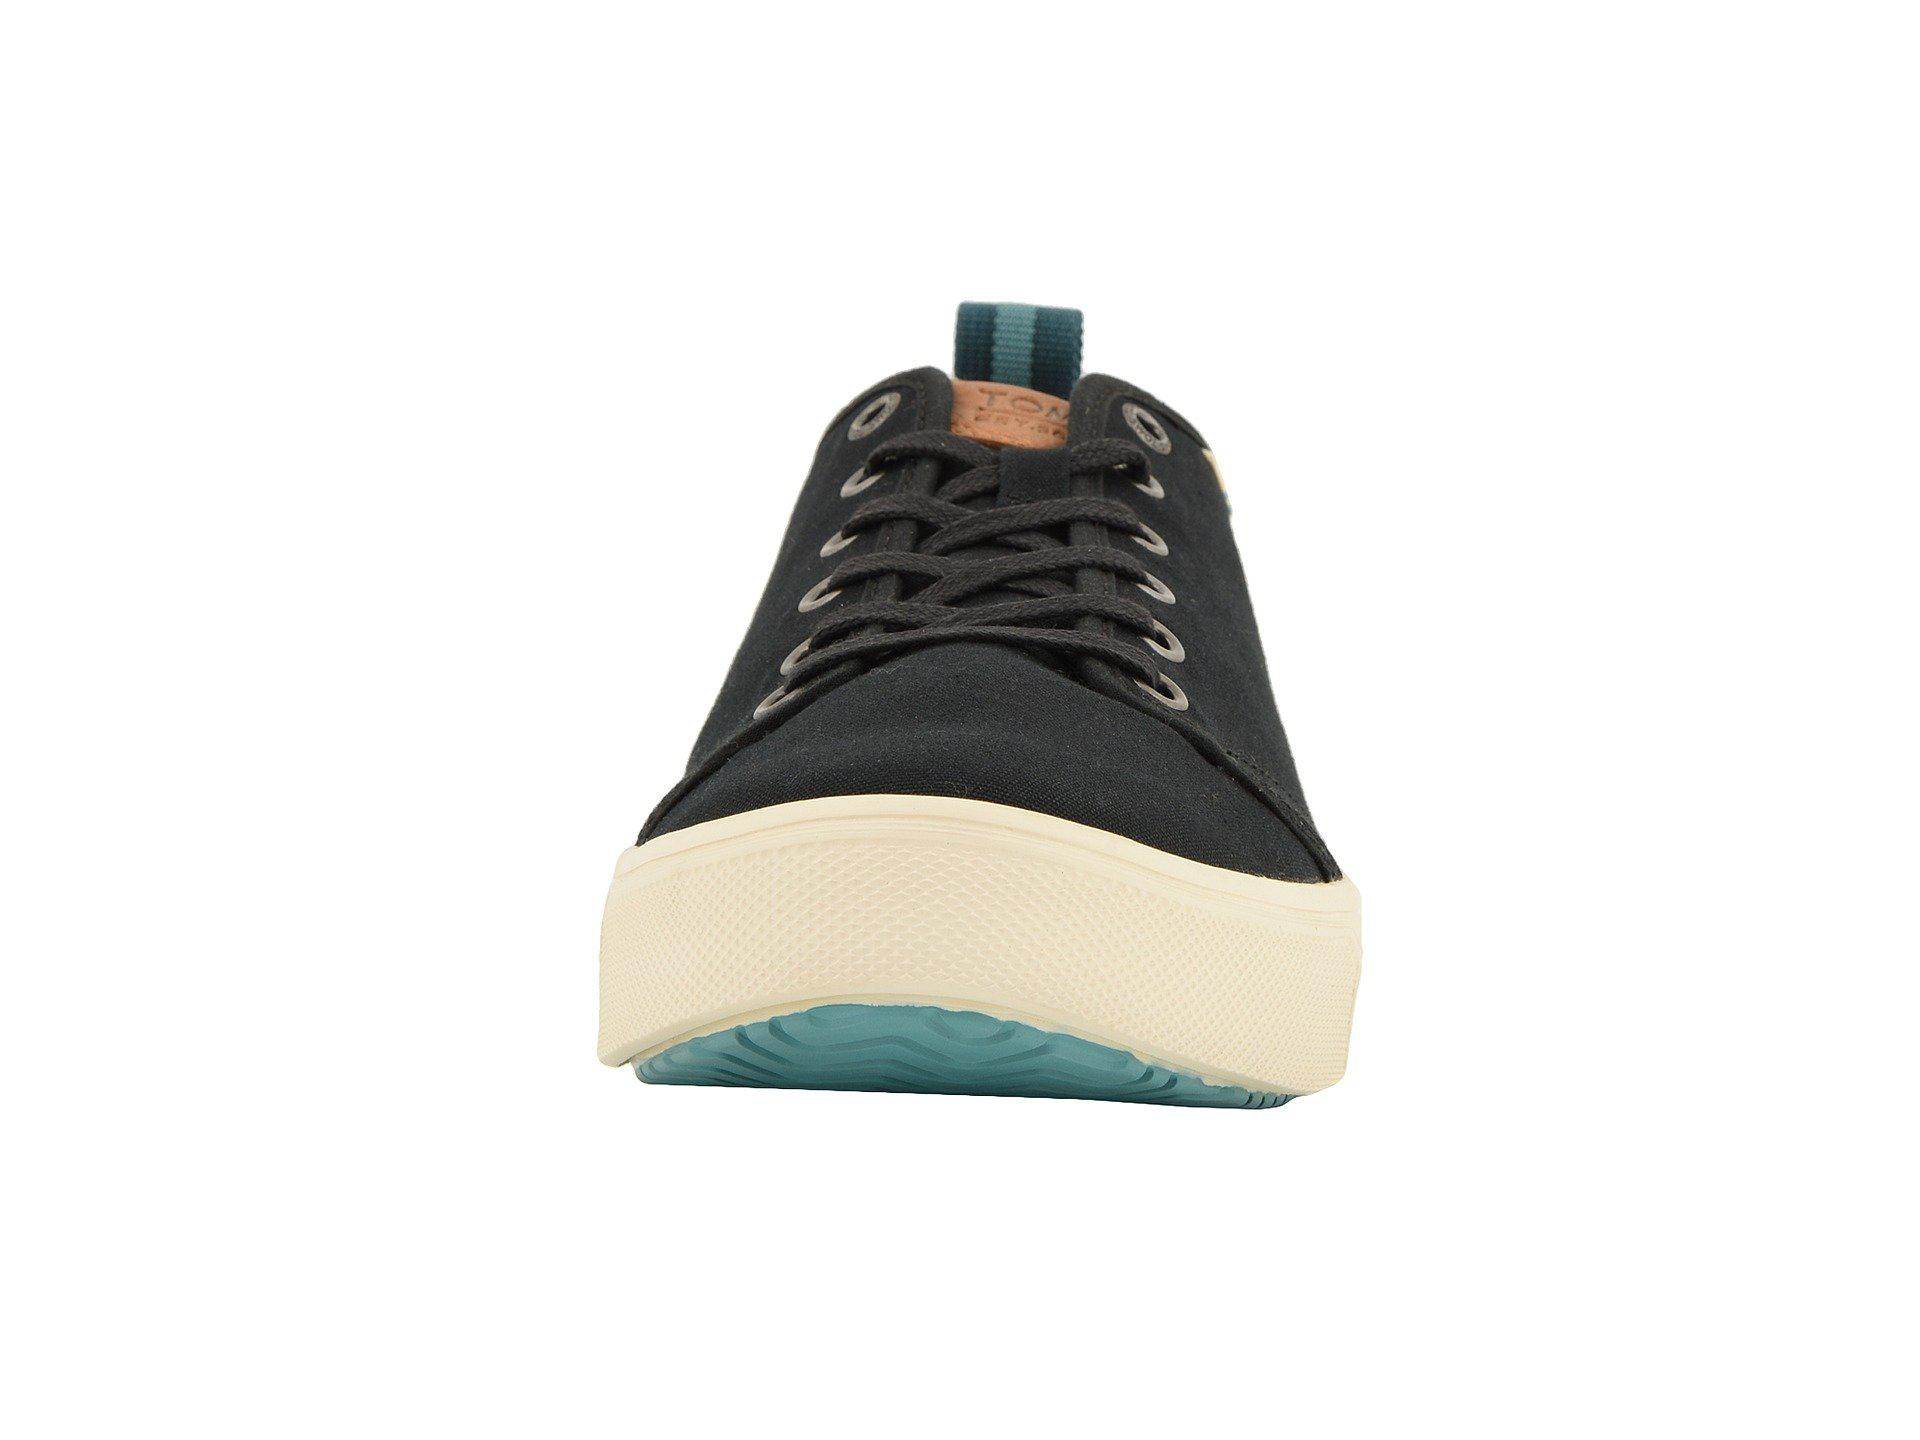 9a438d0bf92 TOMS - Black Trvl Lite Low (navy Melange Knit) Men s Lace Up Casual Shoes.  View fullscreen